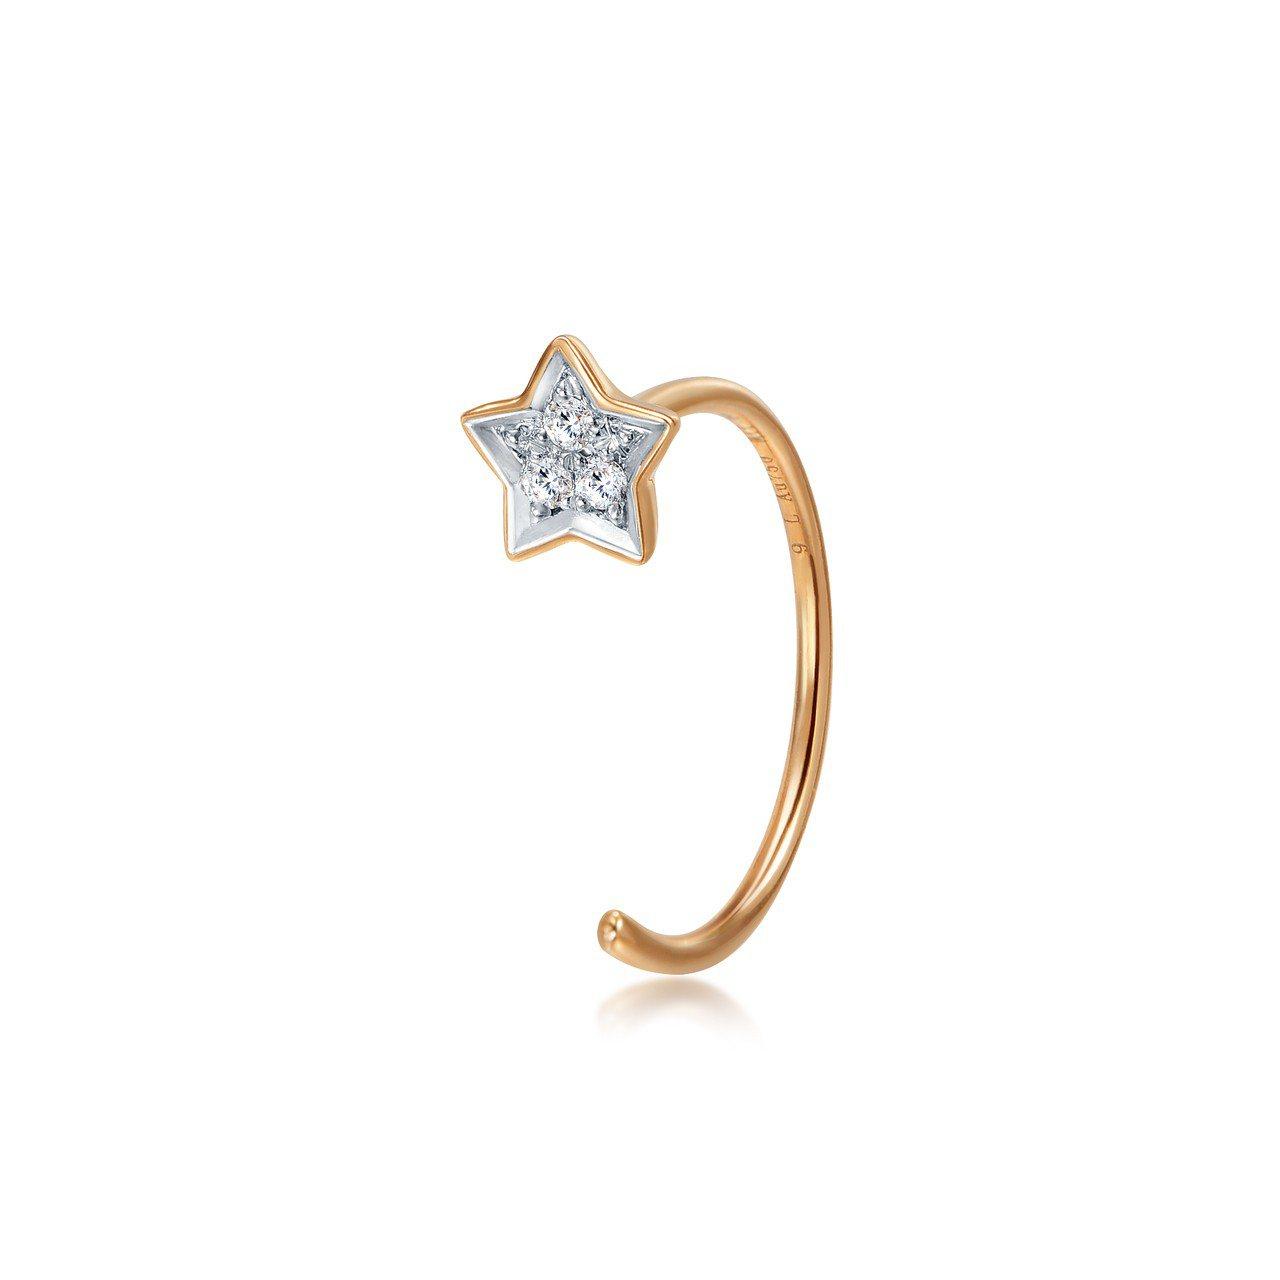 點睛品 Ear Play 18K玫瑰金鑽石星星耳環單支,4,700元。圖/點睛品...